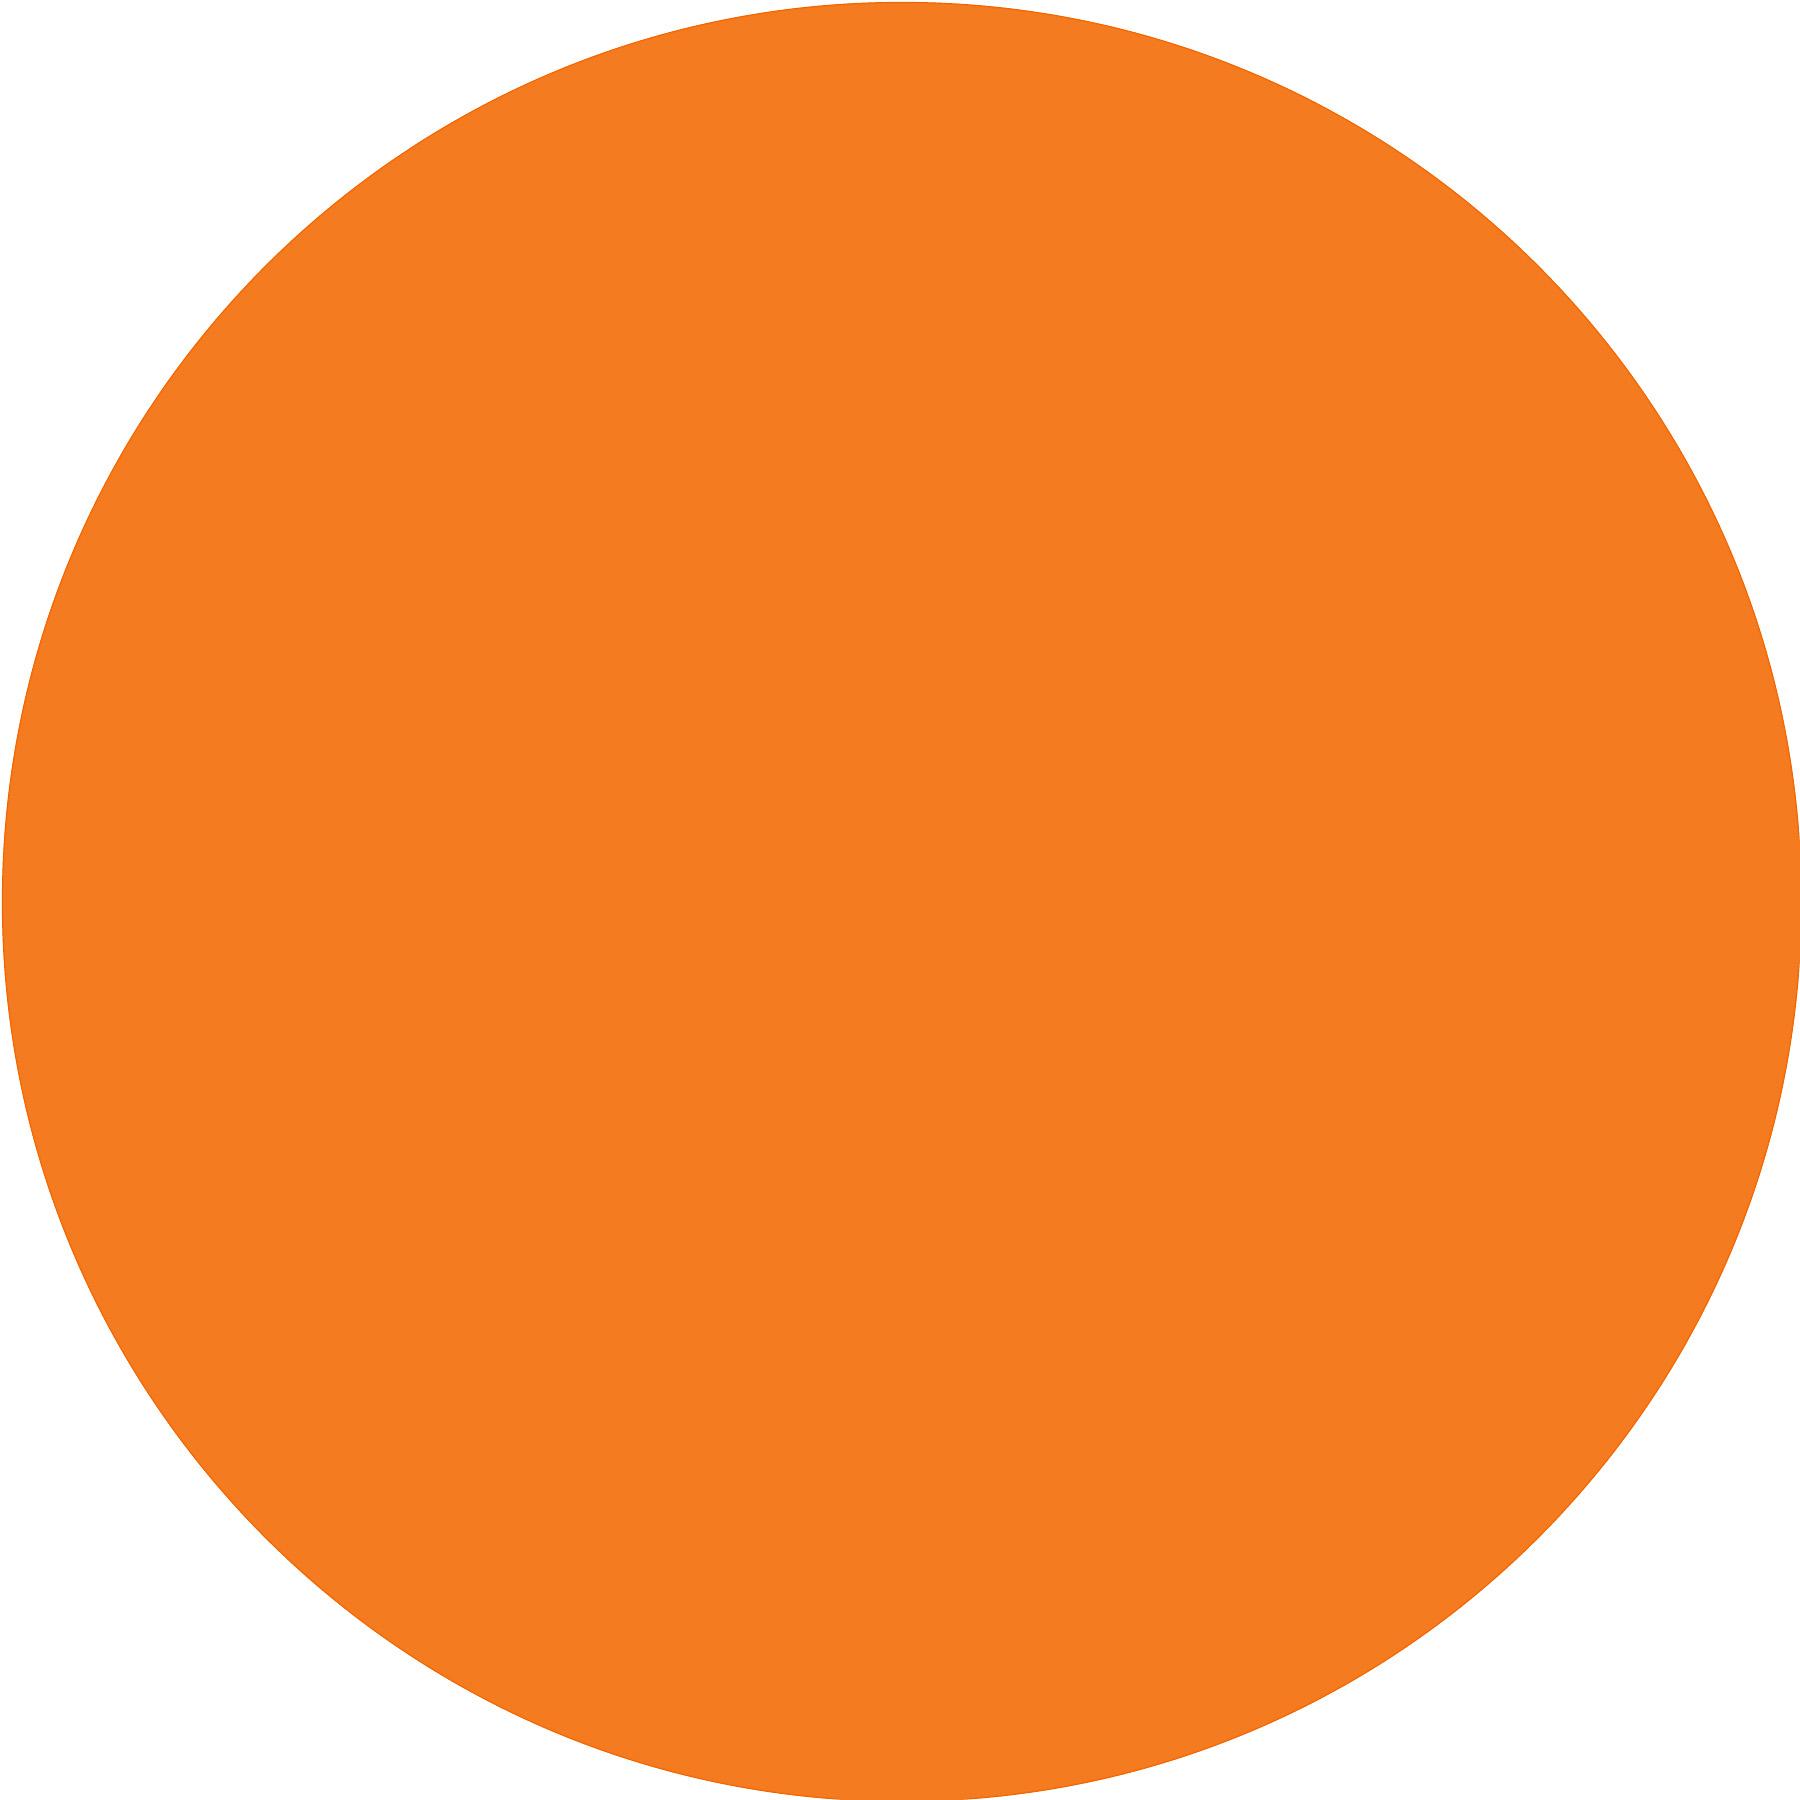 Dots clipart net Filename: Orange Dot 040000030522 Images